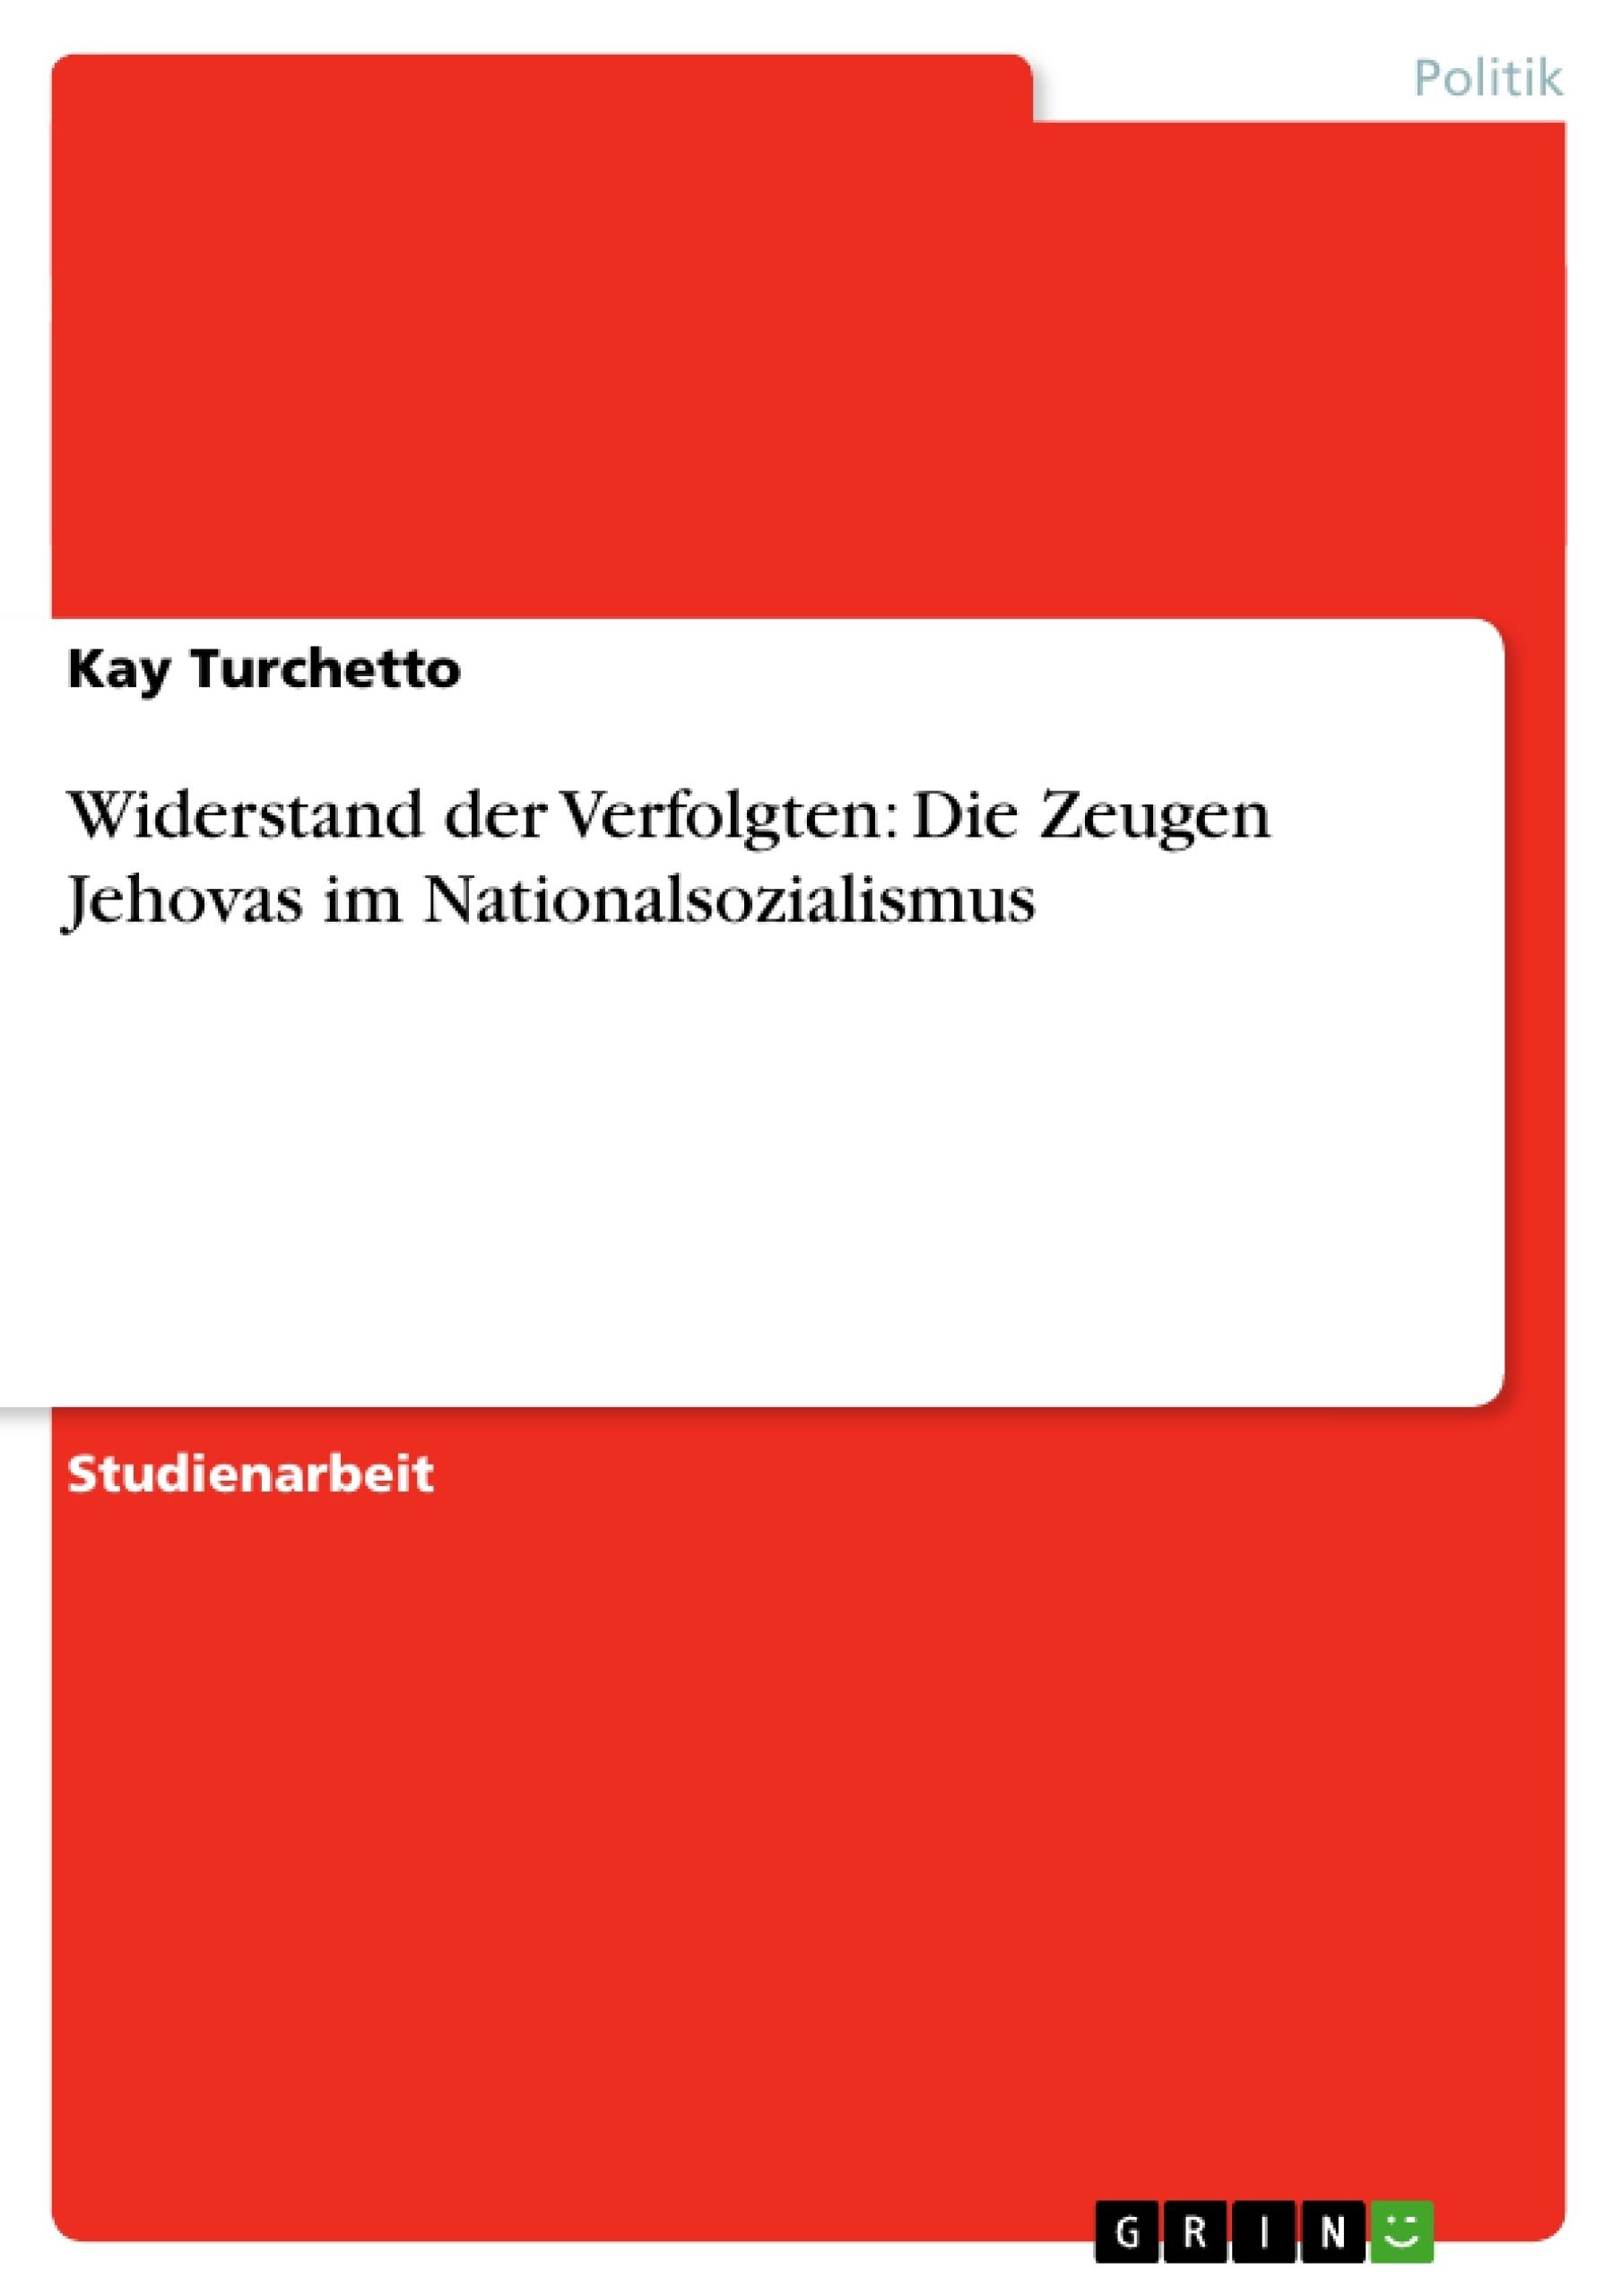 Titel: Widerstand der Verfolgten: Die Zeugen Jehovas im Nationalsozialismus